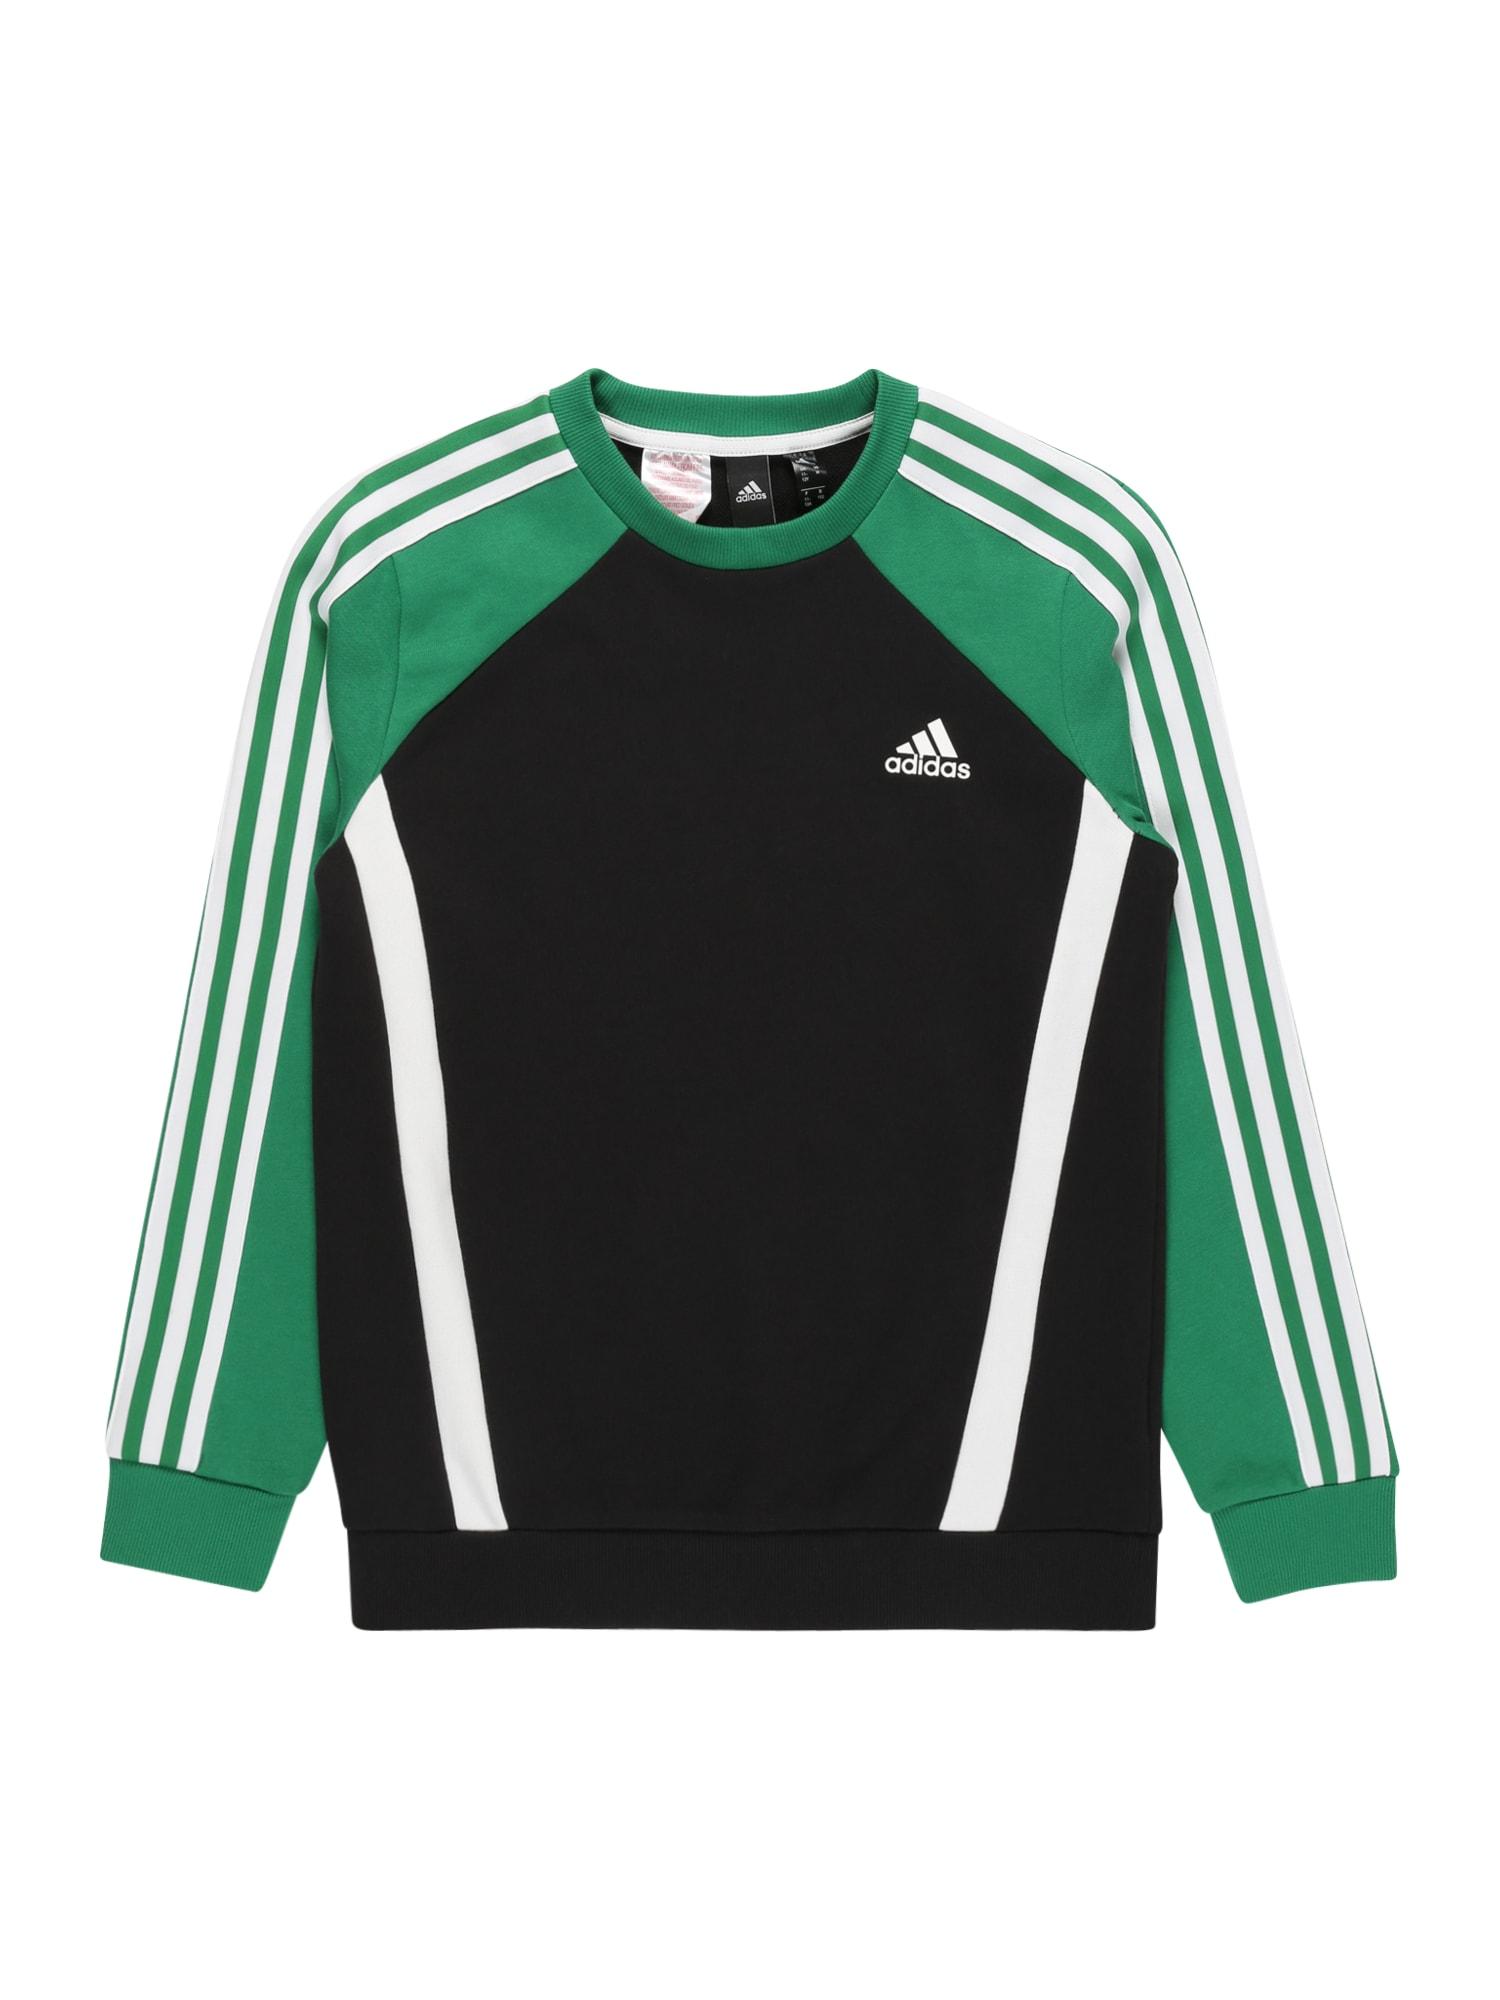 ADIDAS PERFORMANCE Sportinio tipo megztinis juoda / pastelinė žalia